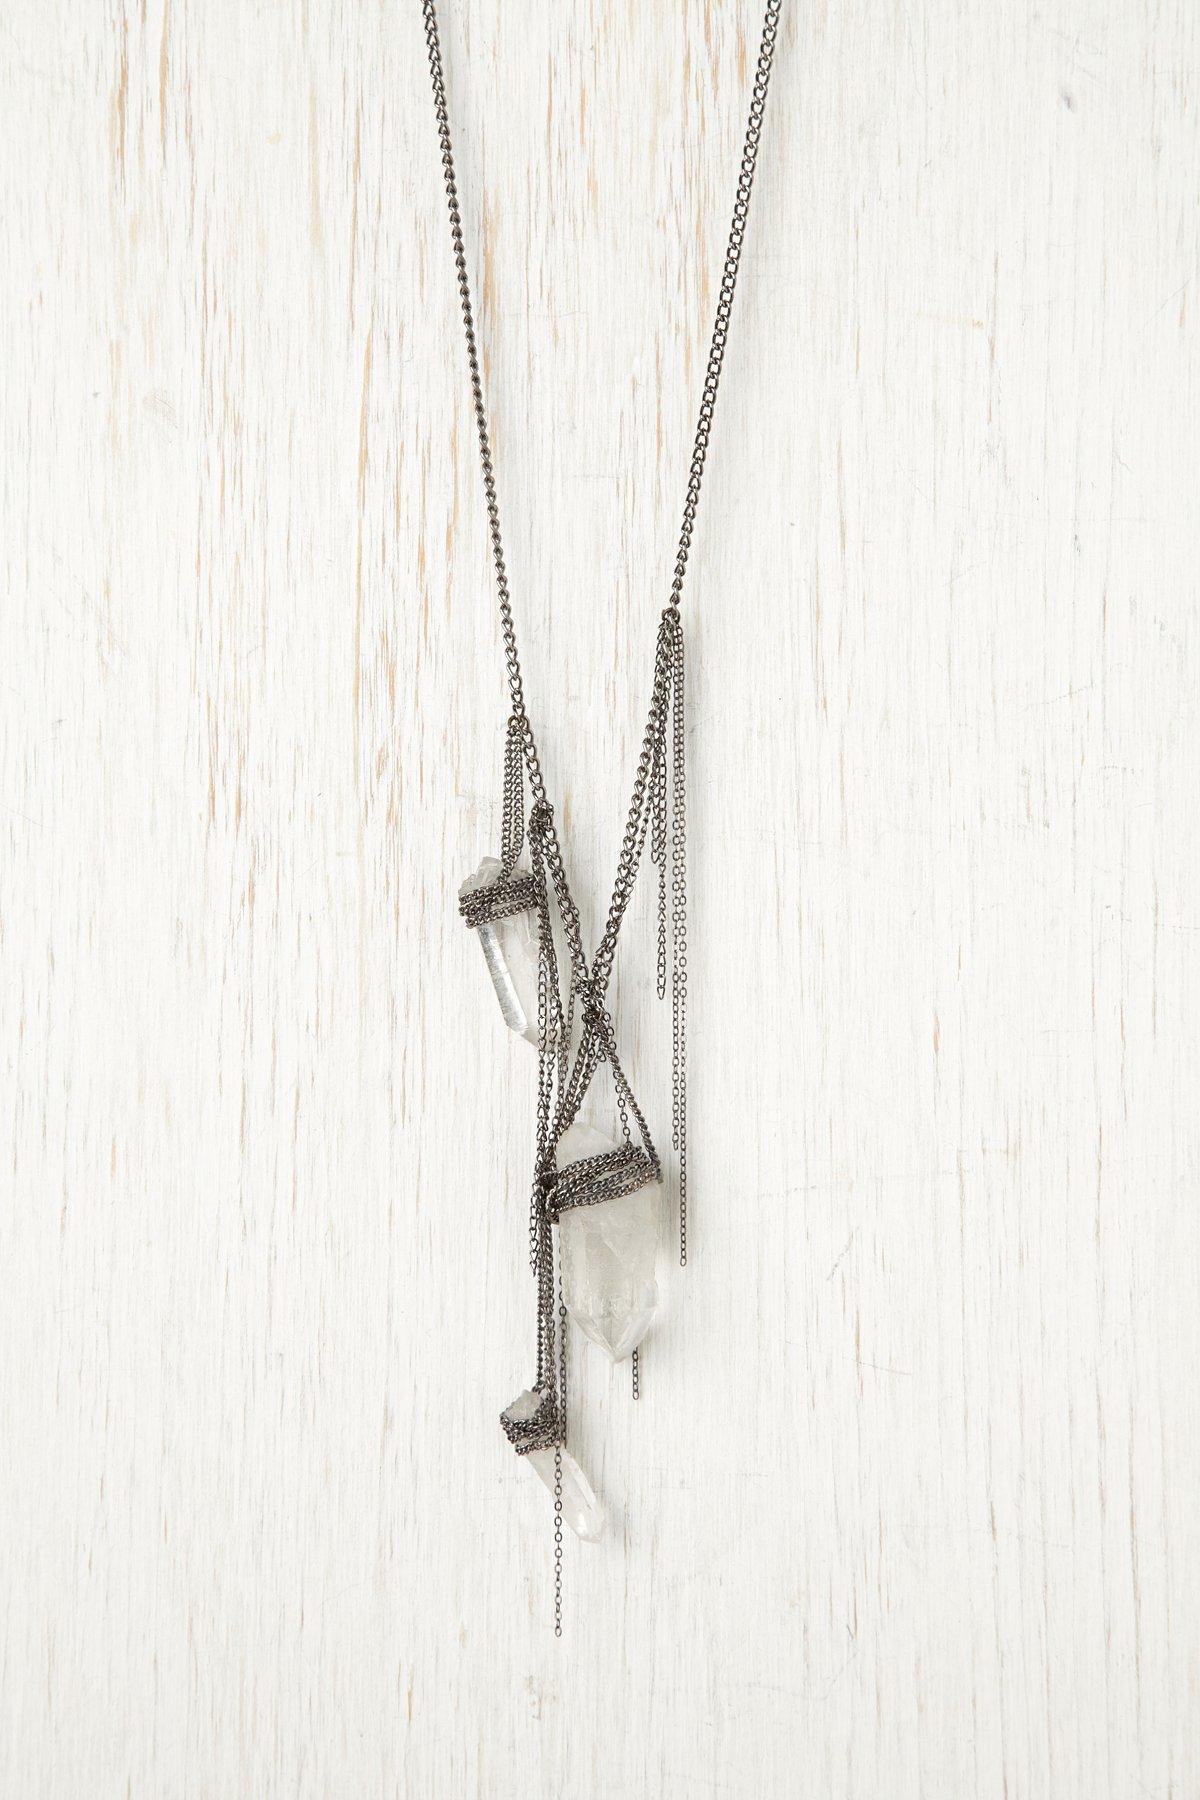 Geomorphic Necklace